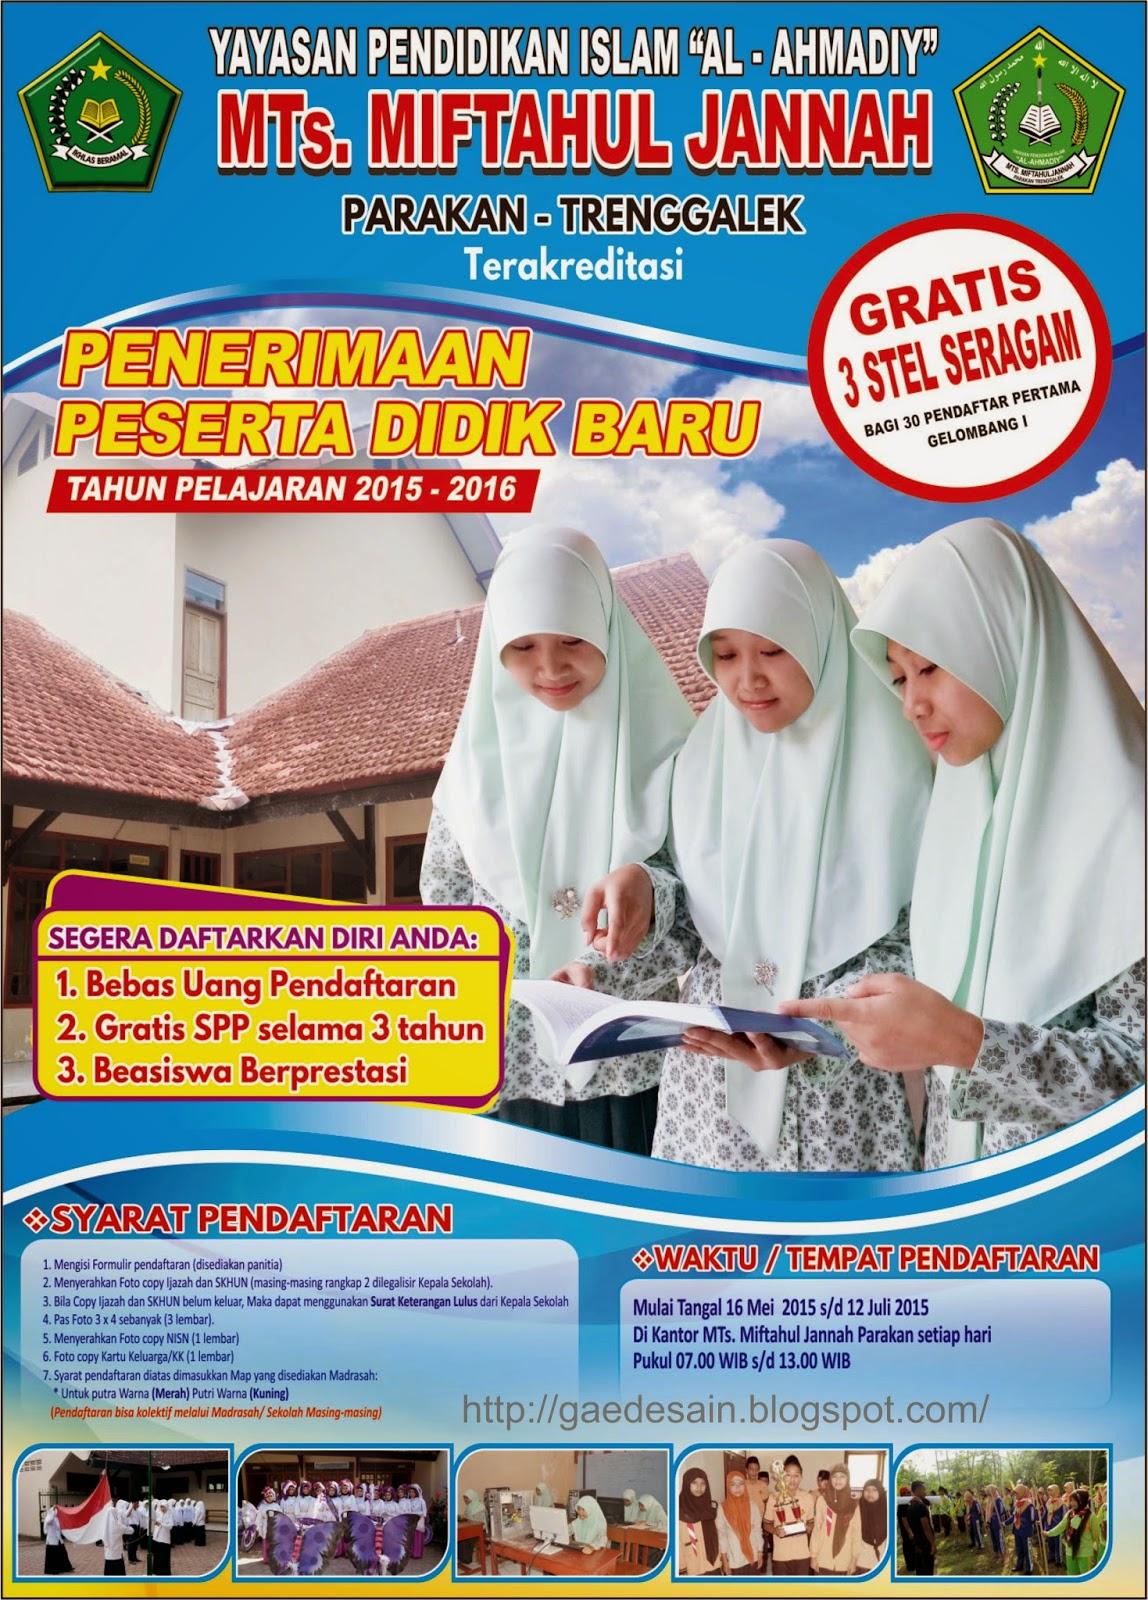 Sekolah Menengah Kejuruan Negeri 2 Kota Jambi